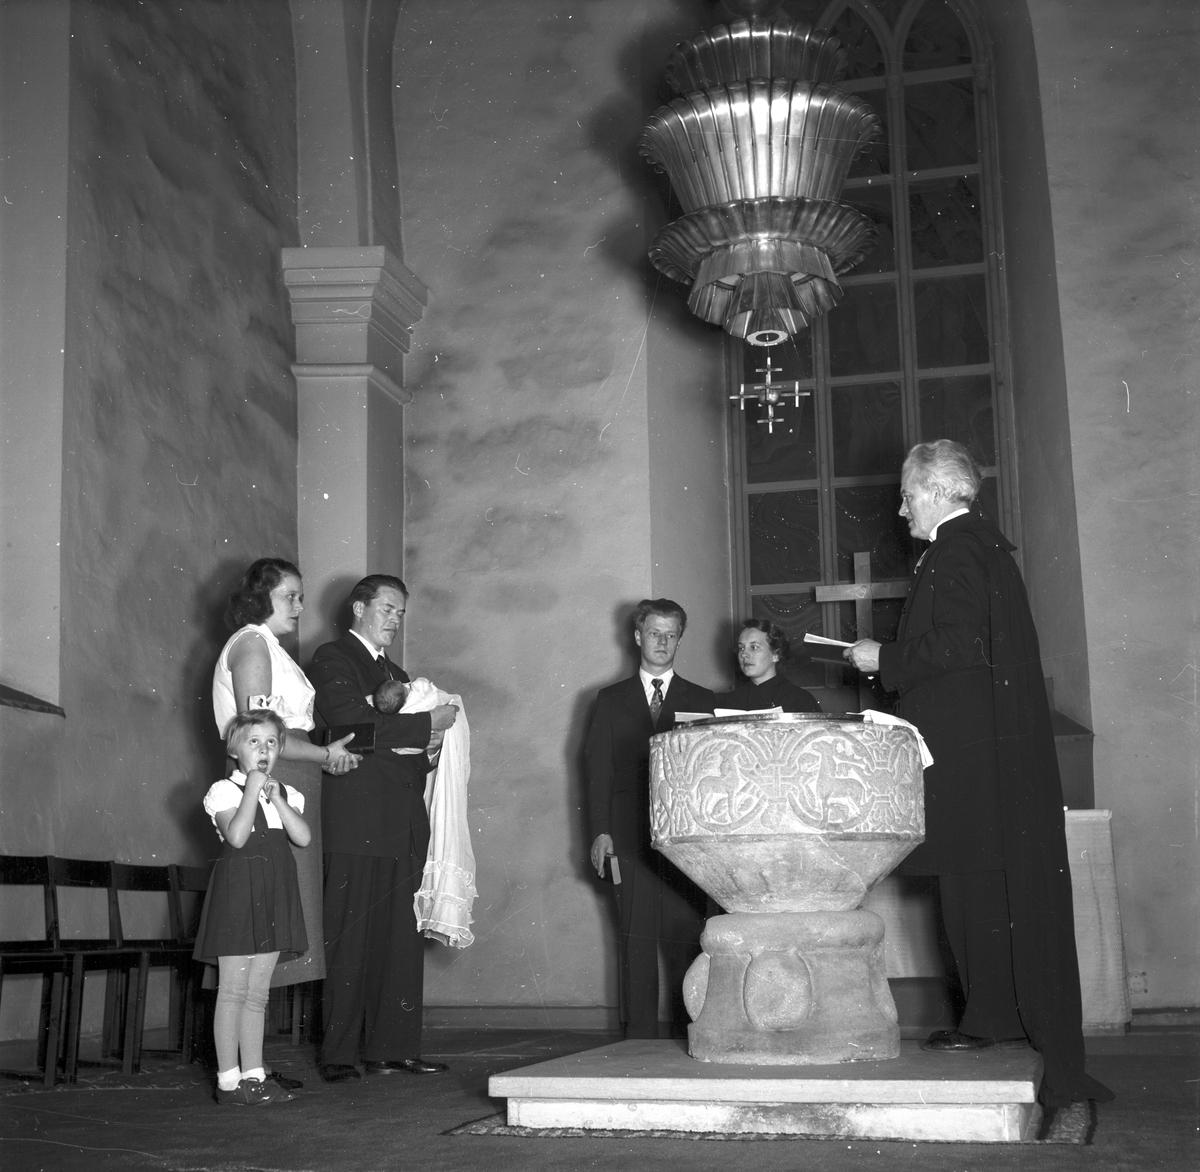 Barndop i Storkyrkan. 1 januari 1955. Rosbäck, Södra Stapeltorgsgatan 22 B, Gävle